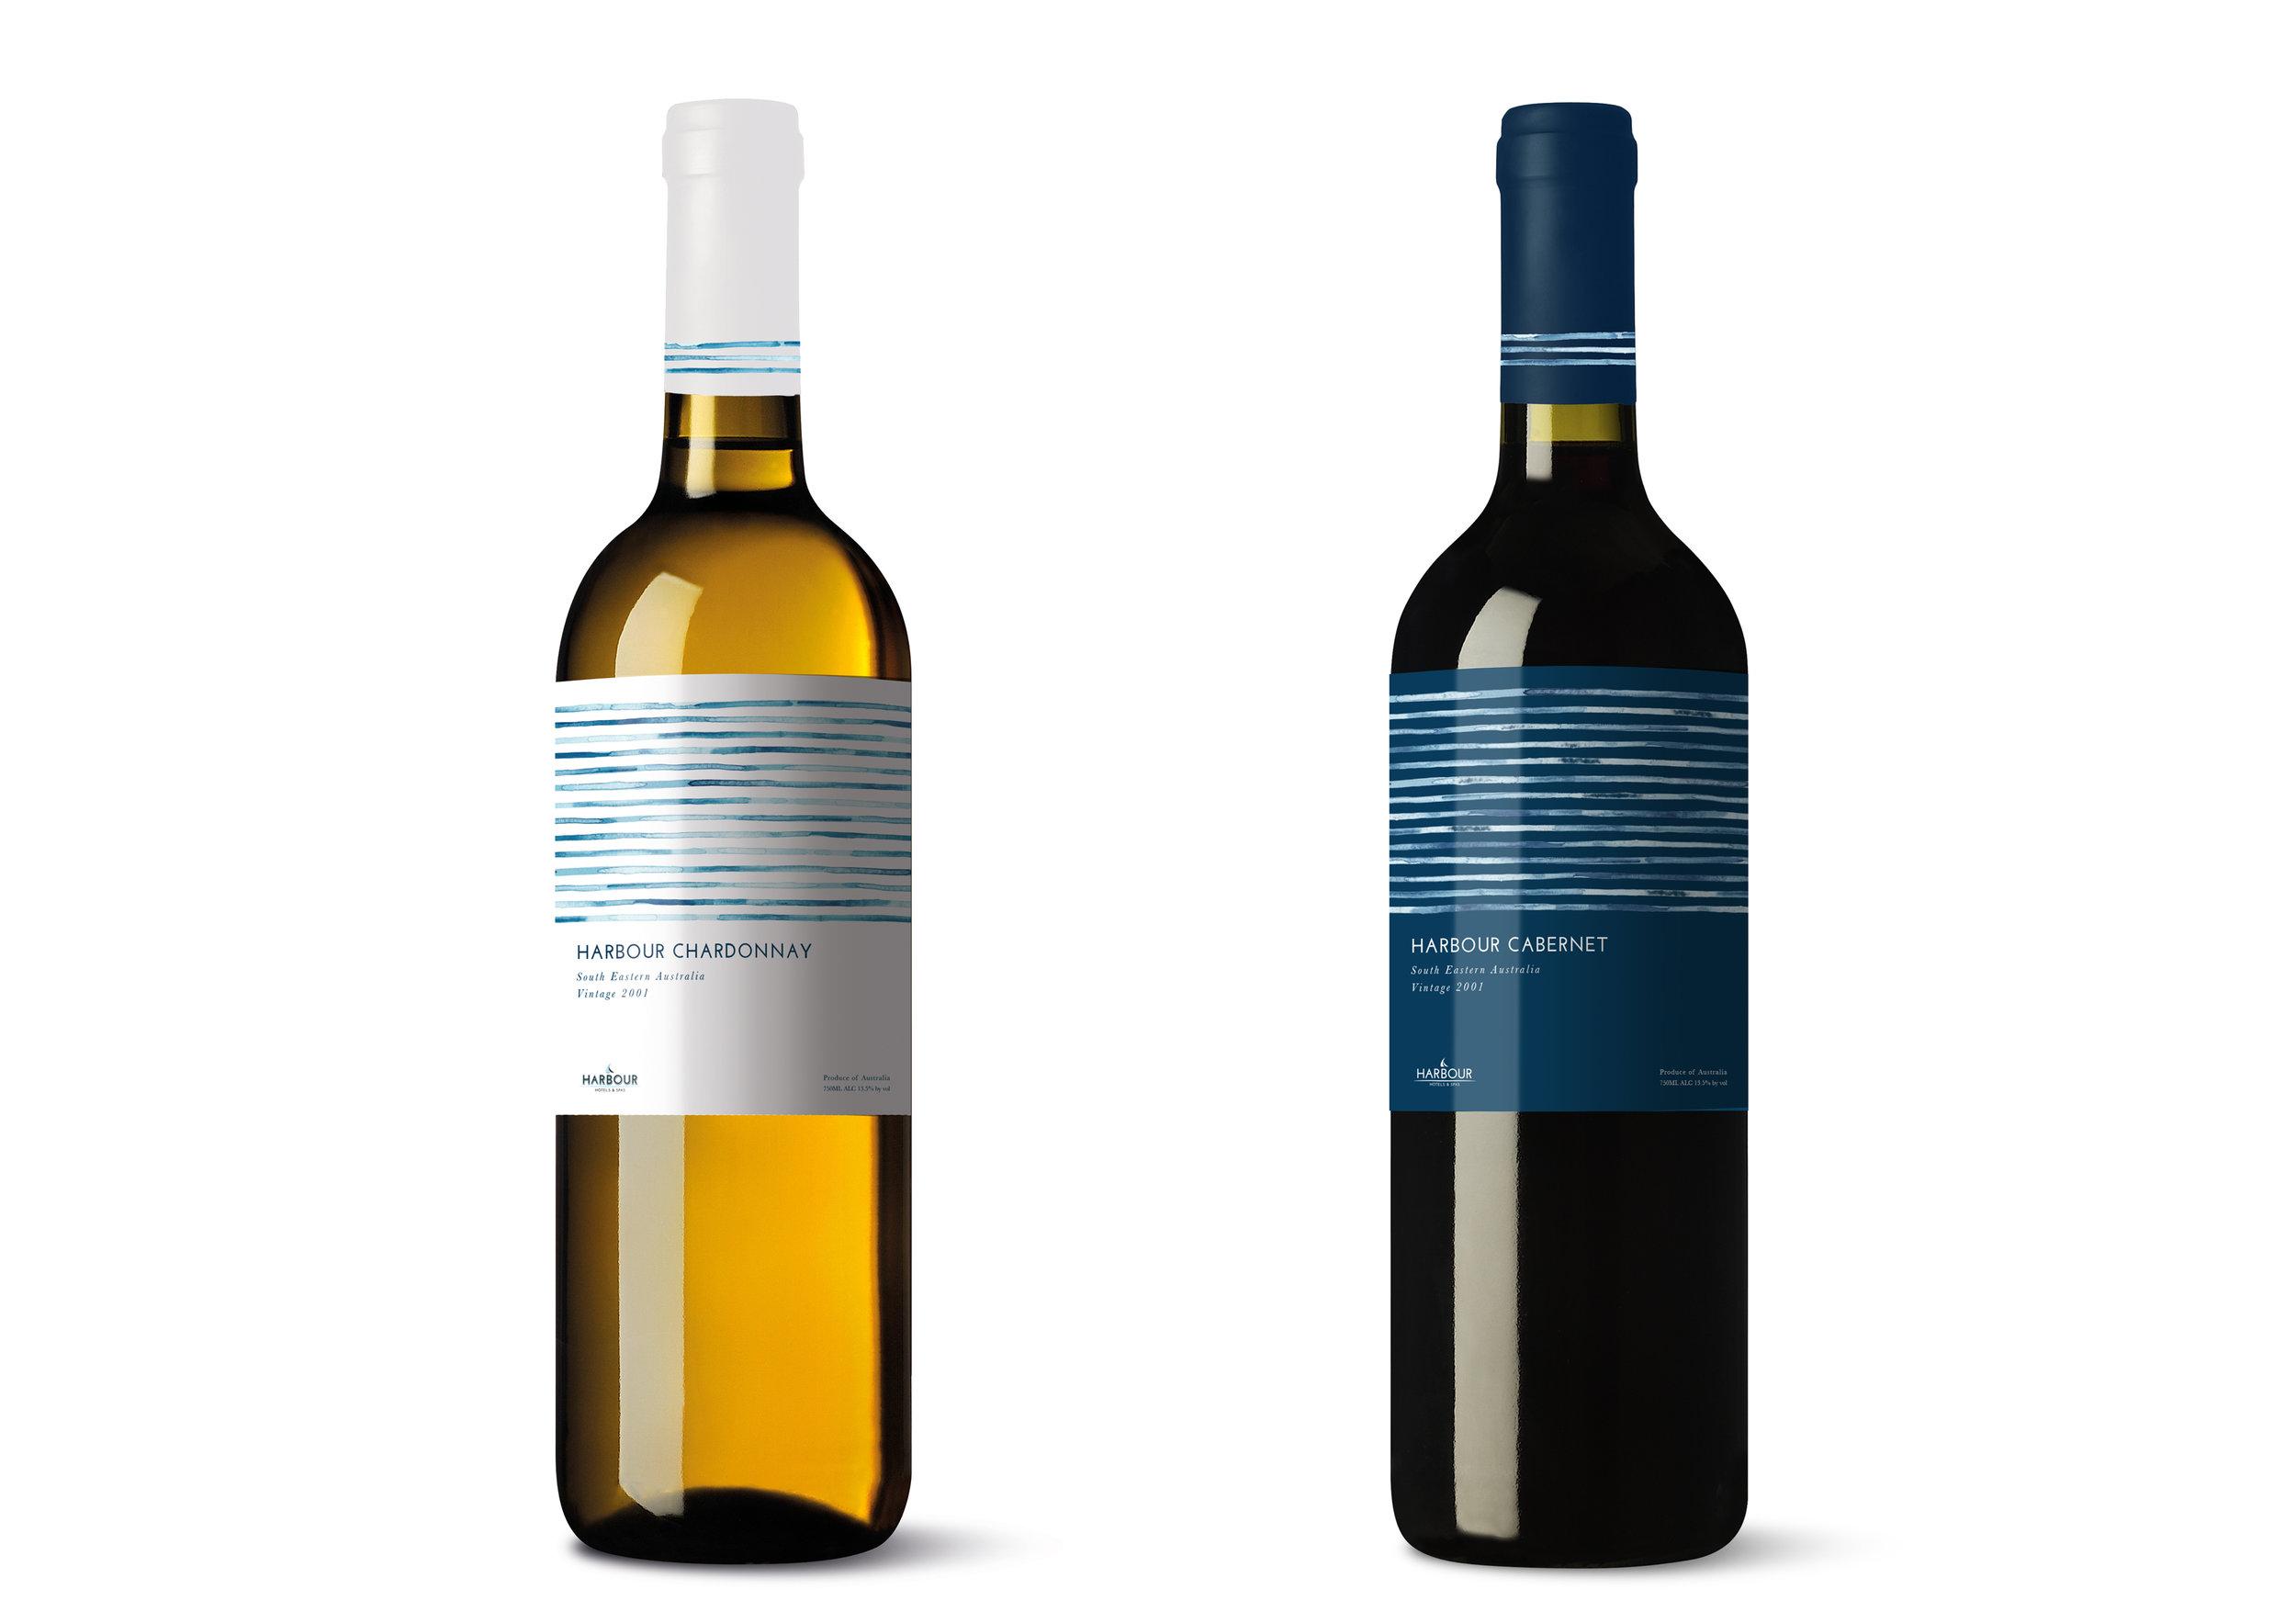 Wine labels_final_mock up.jpg